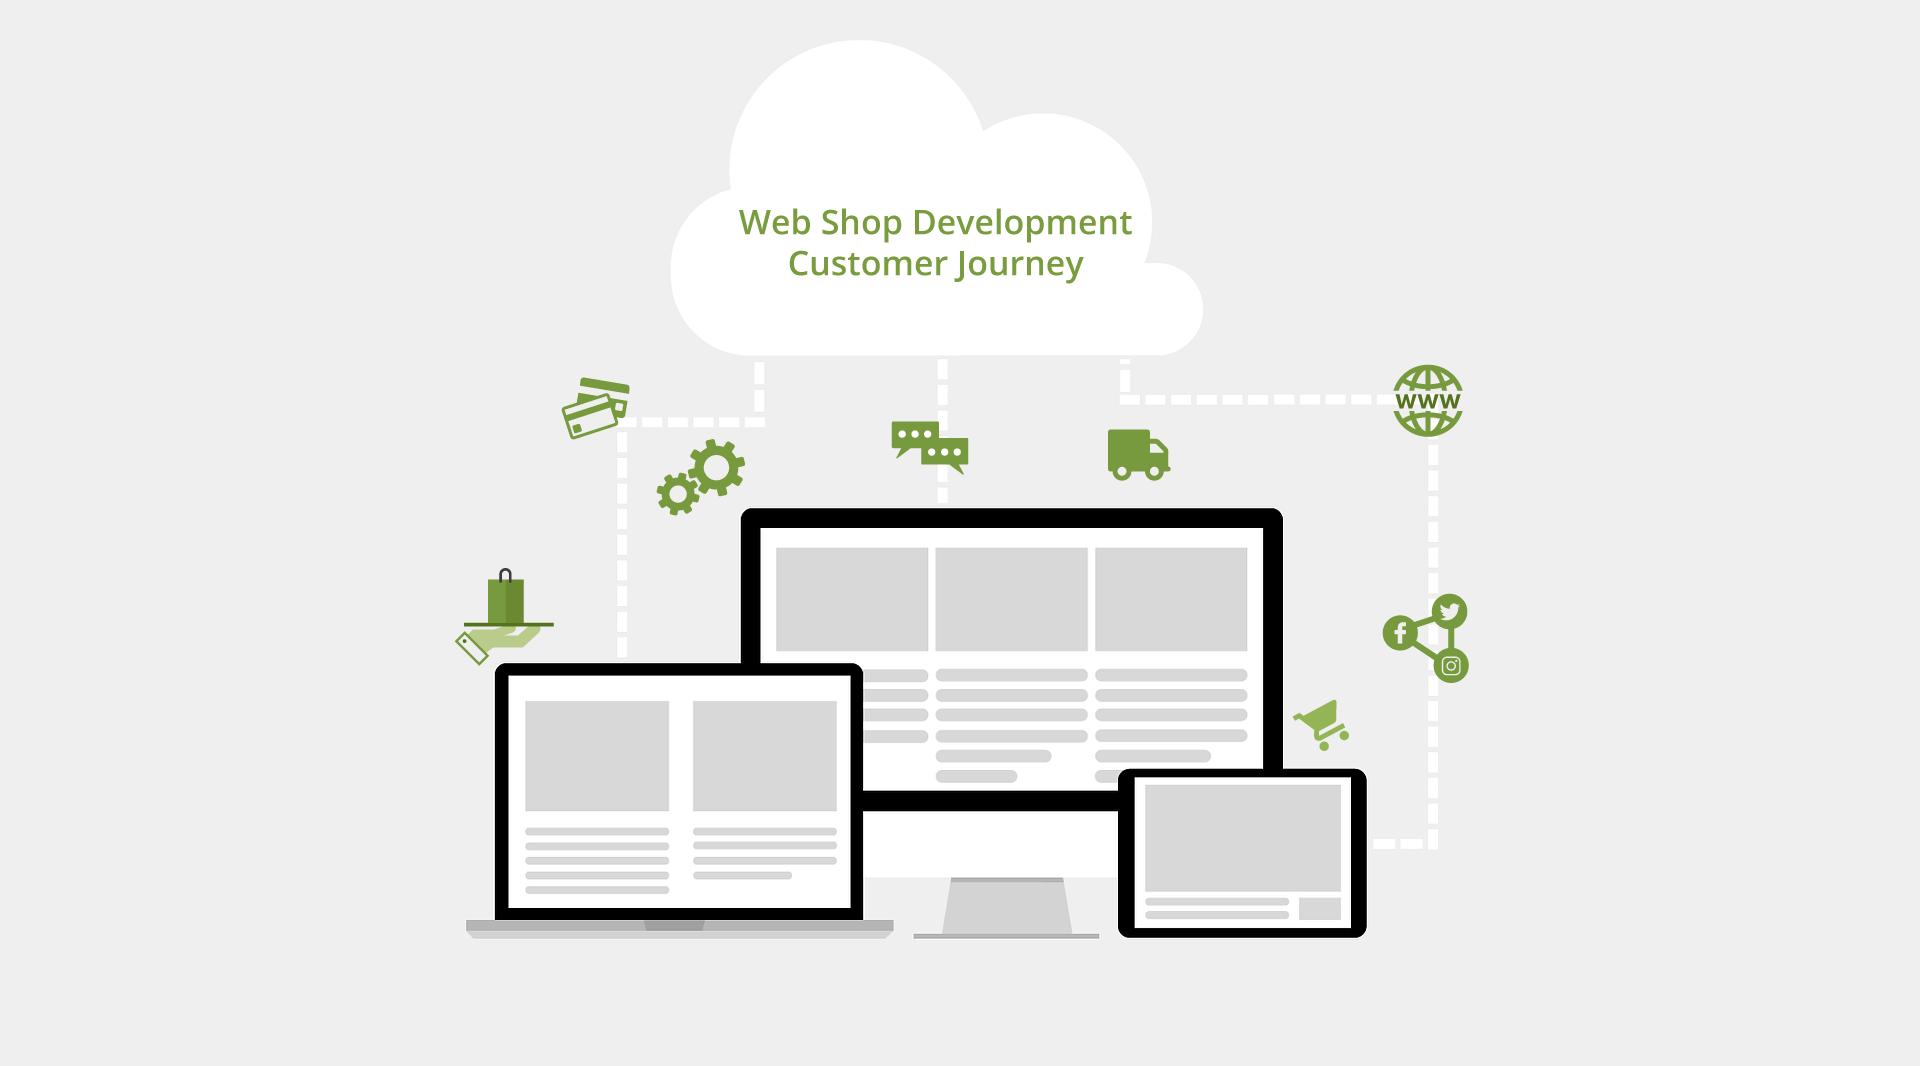 webshop development